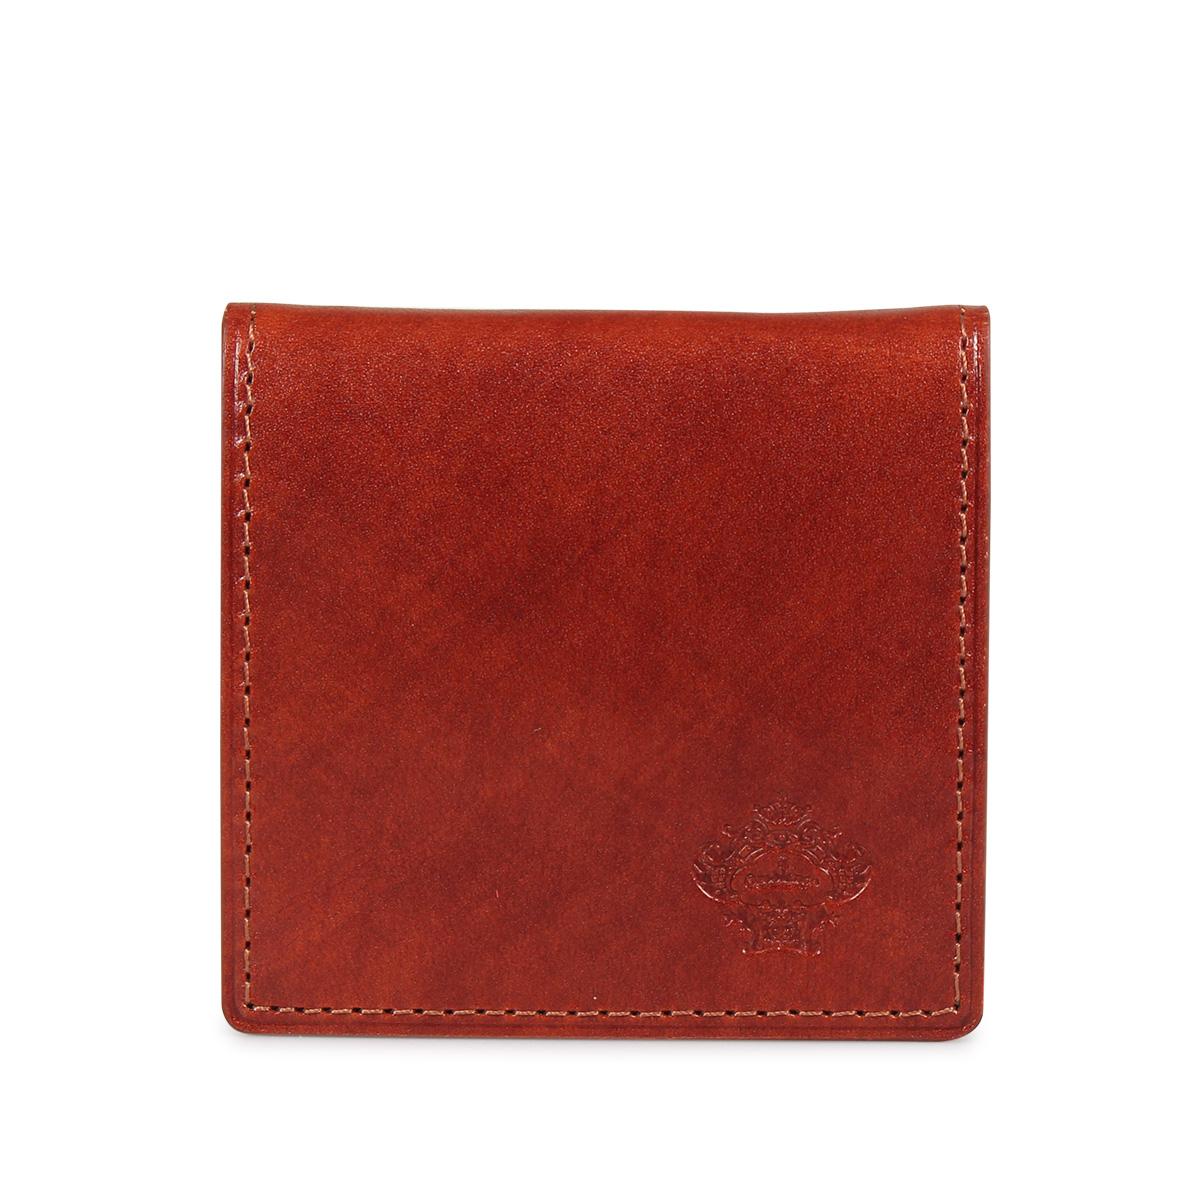 Orobianco COIN CASE オロビアンコ 財布 小銭入れ コインケース メンズ 本革 ブラック ブラウン 黒 ORS-011008